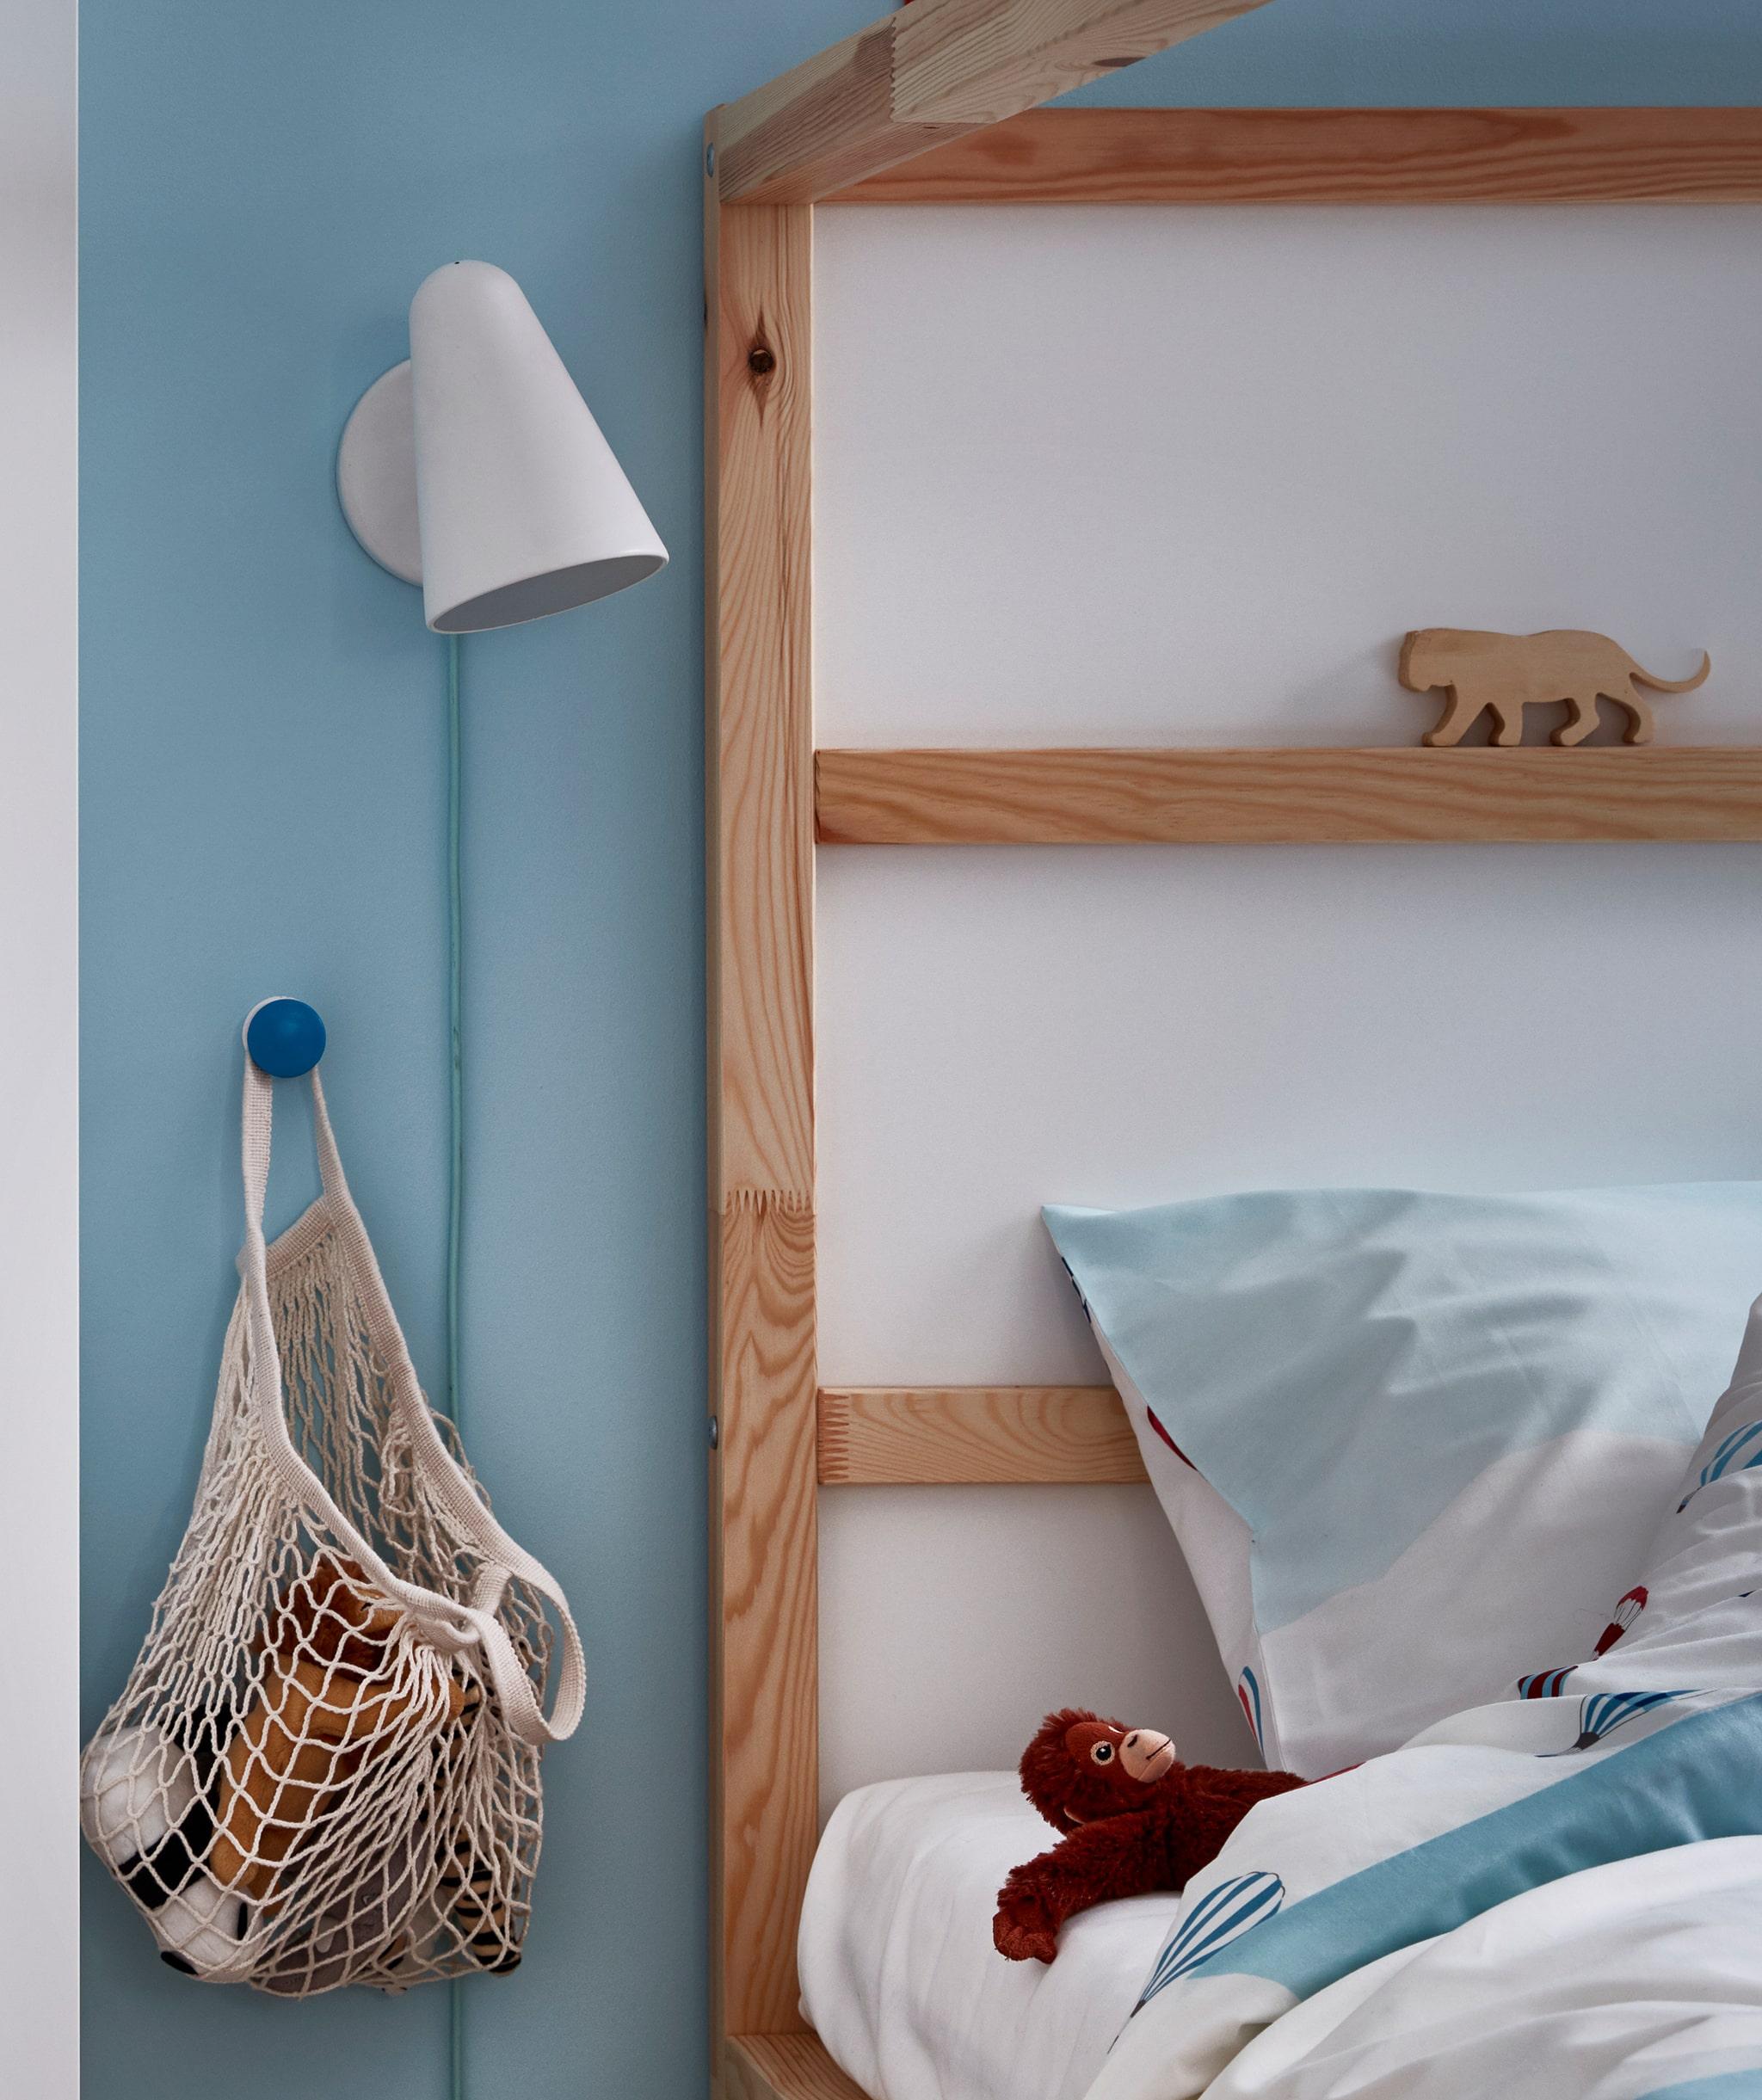 Ujung kepala tempat tidur anak-anak dengan sekantong boneka tergantung di samping tempat tidur. Lampu dinding, boneka berada di dekat bantal.